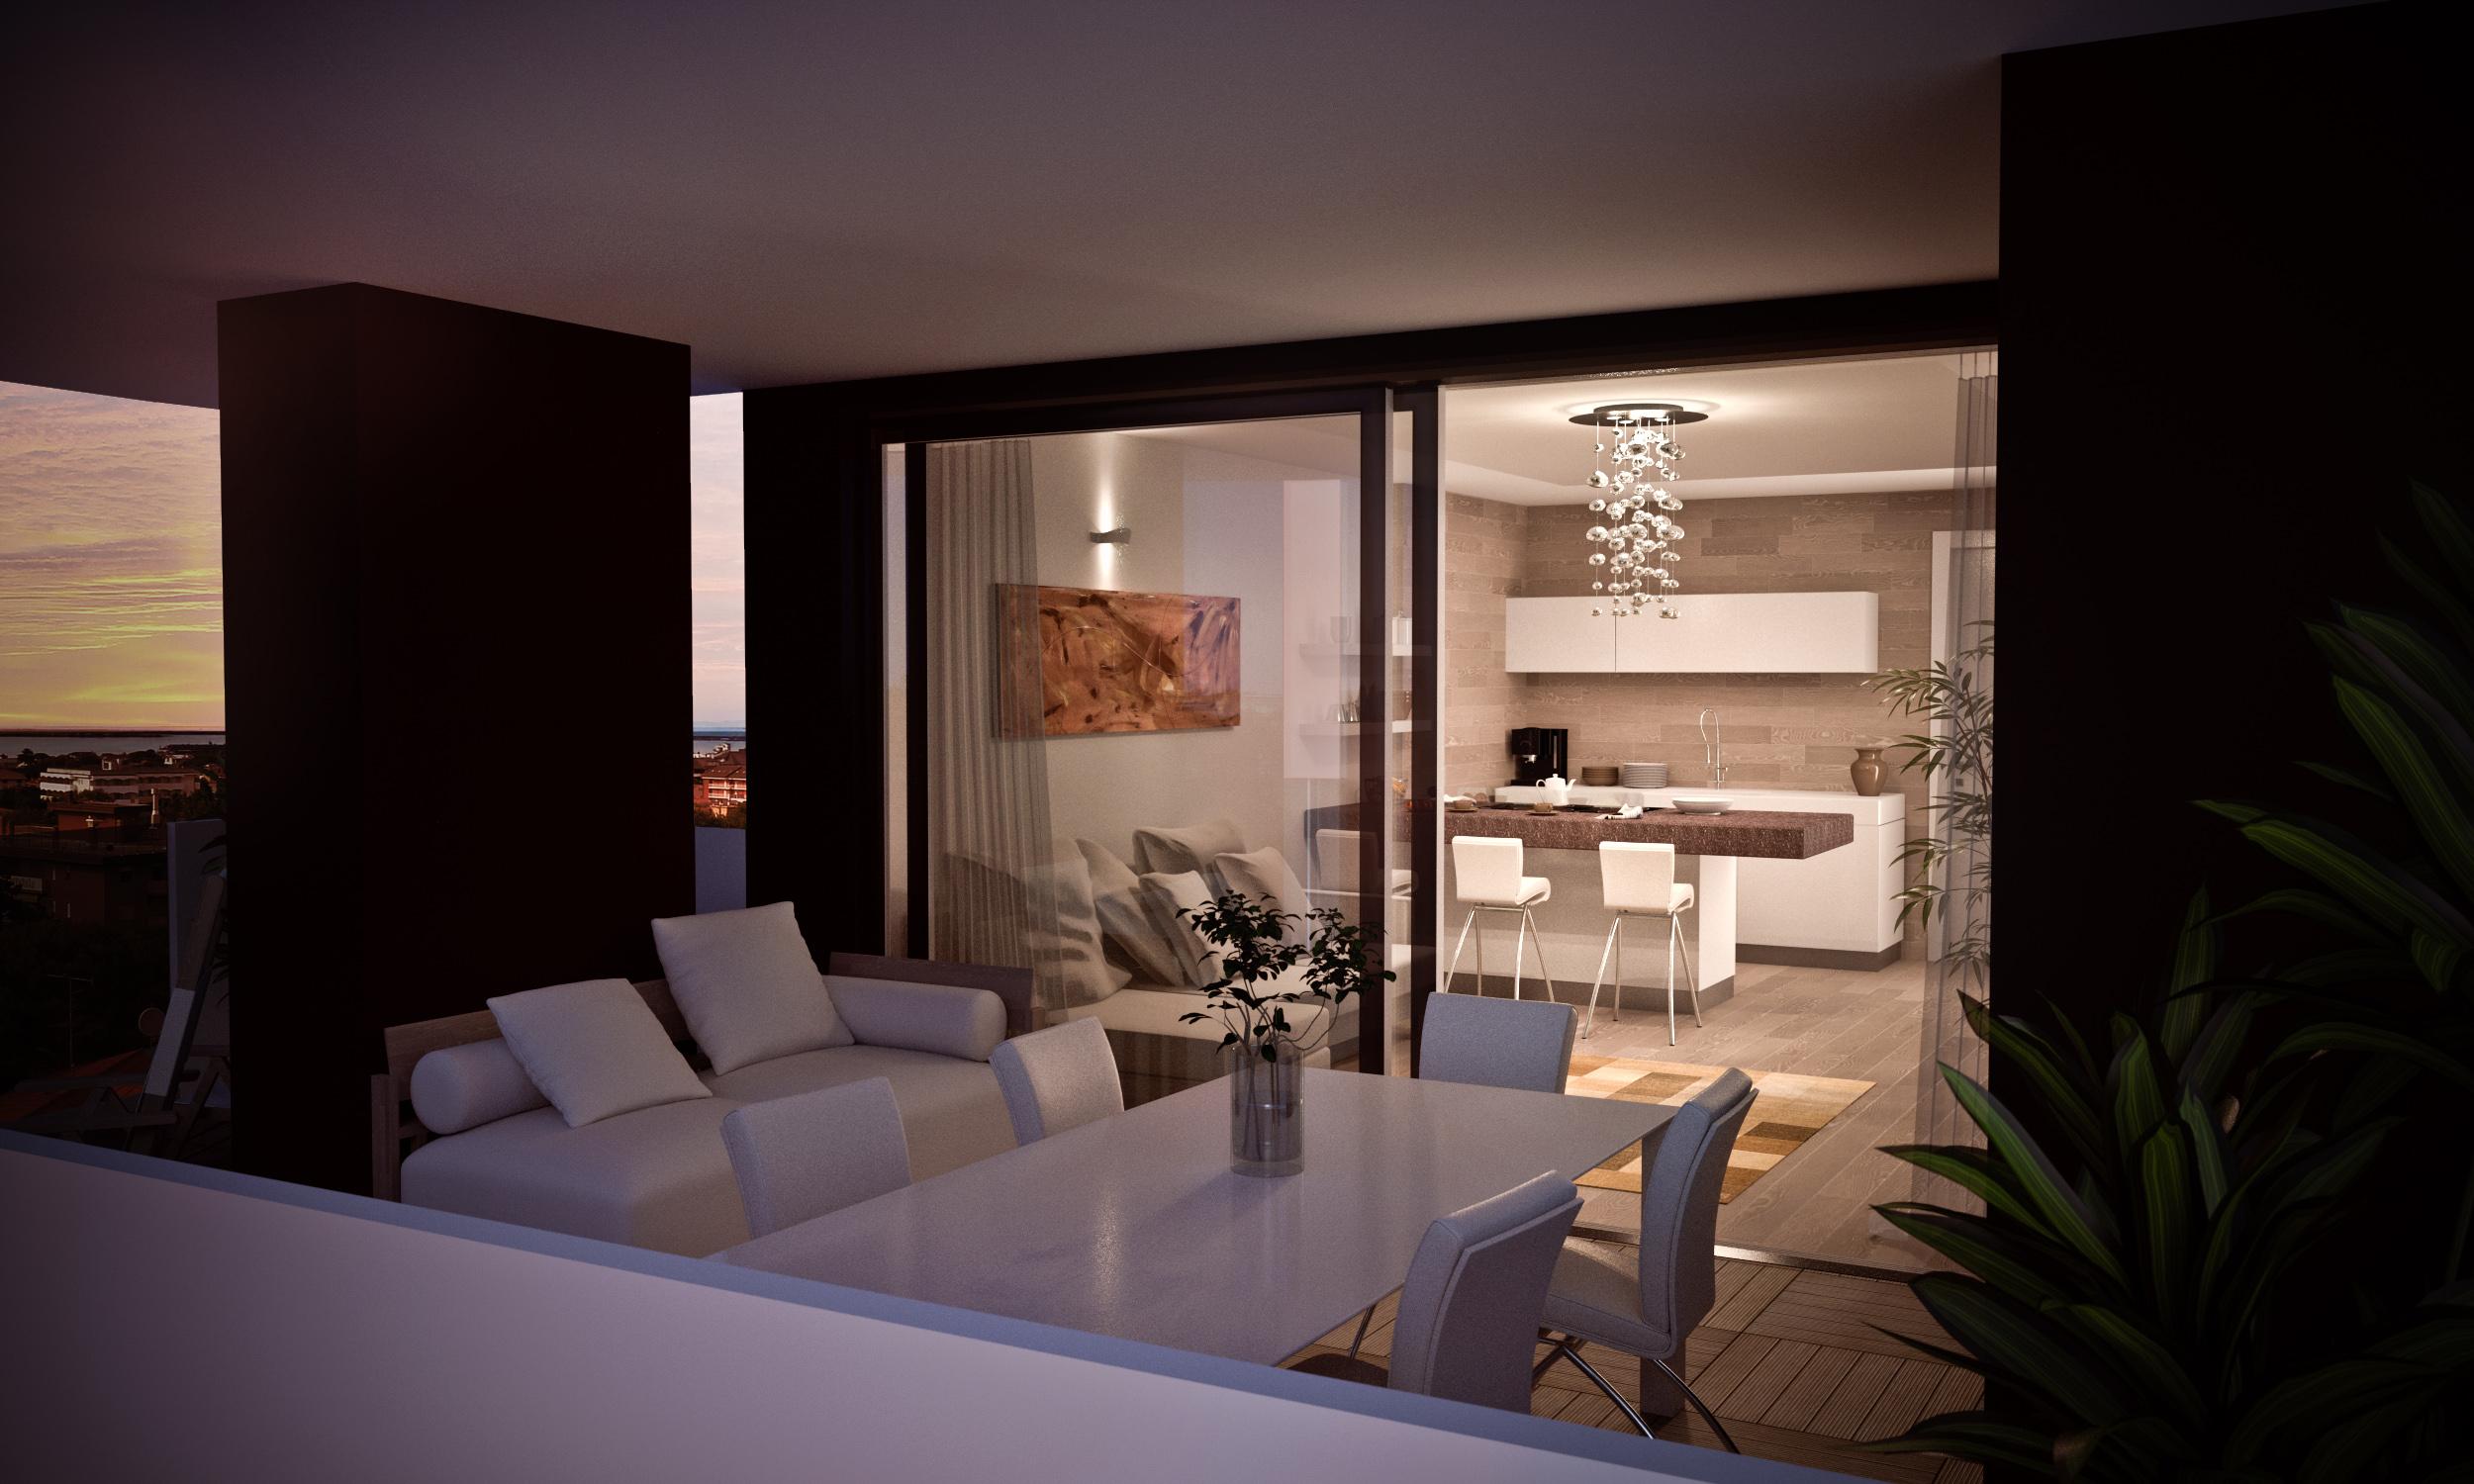 Appartamento 3 vista 2 Notturna.jpg